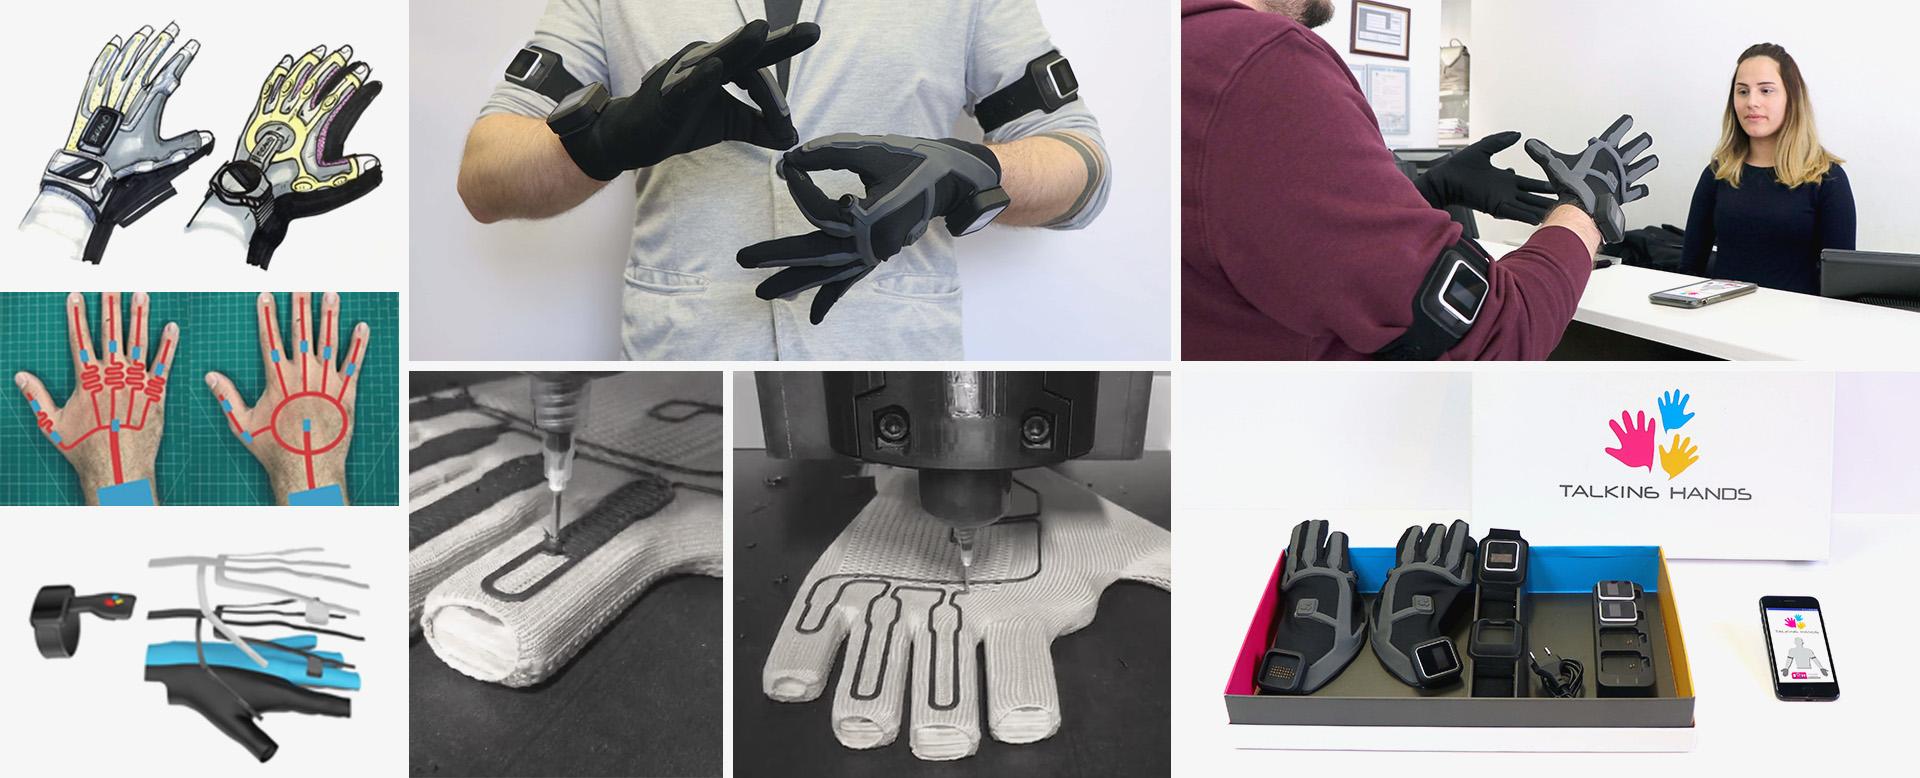 Prototipleme ve Test Aşaması örnek projesi Konuşan Eller